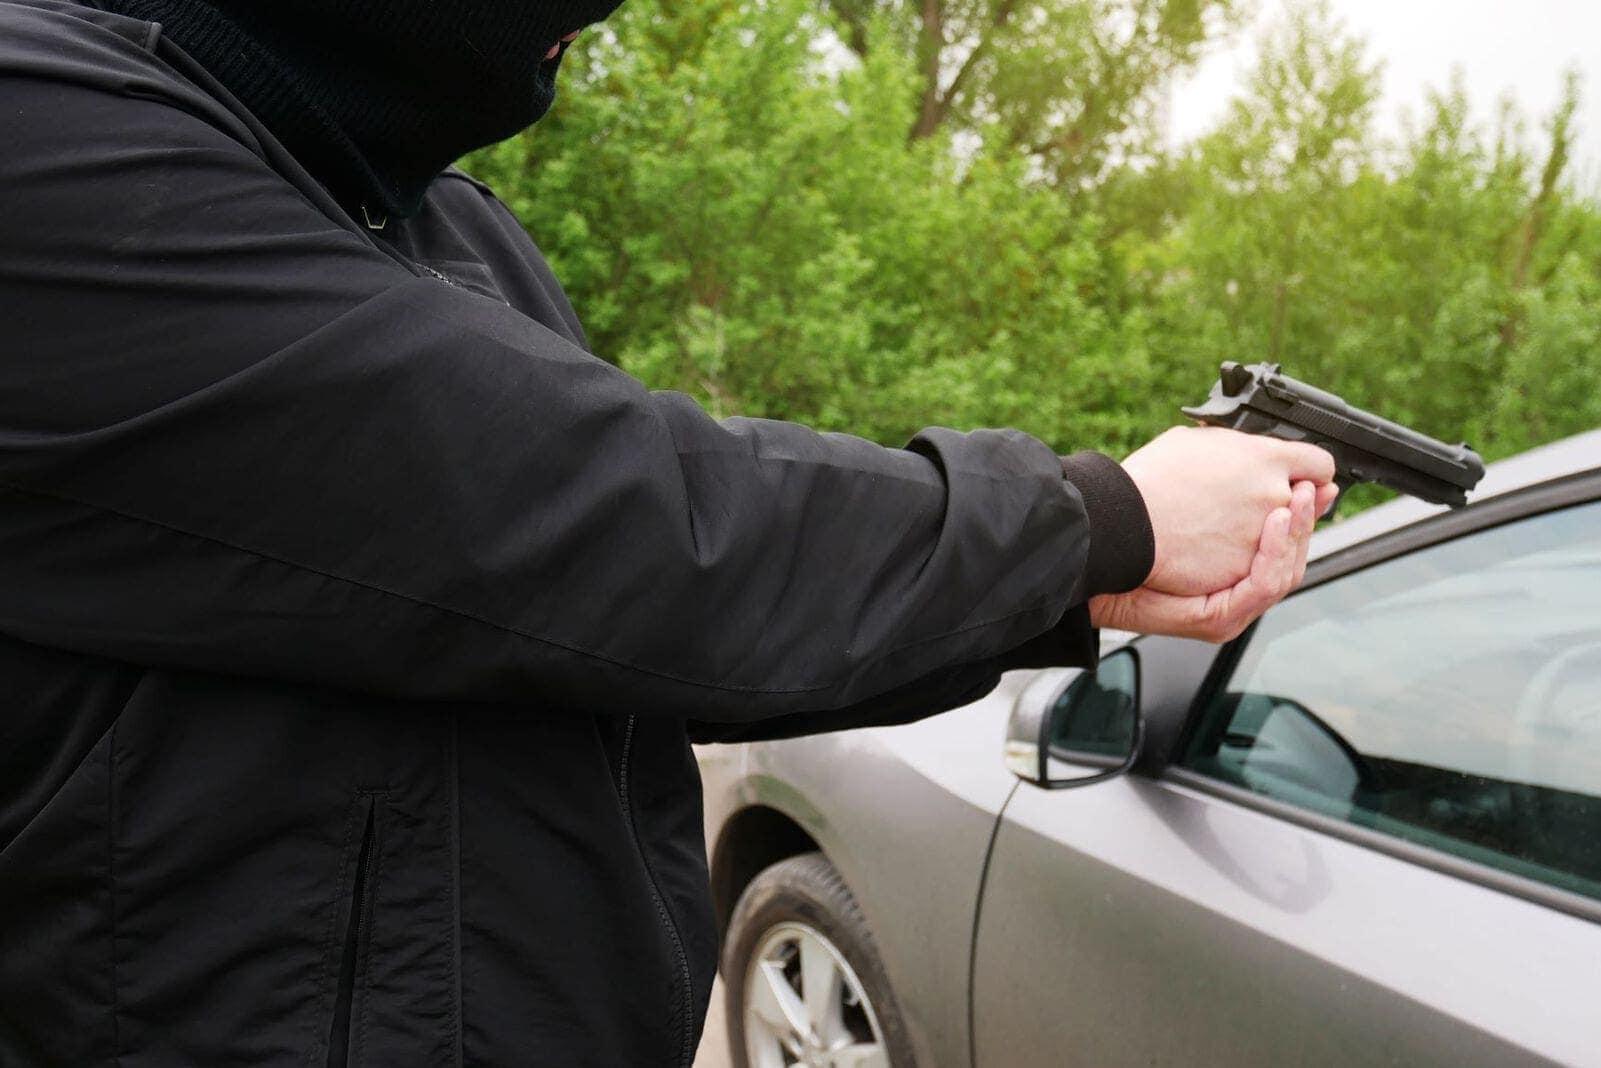 Mann Pistole Auto Überfall